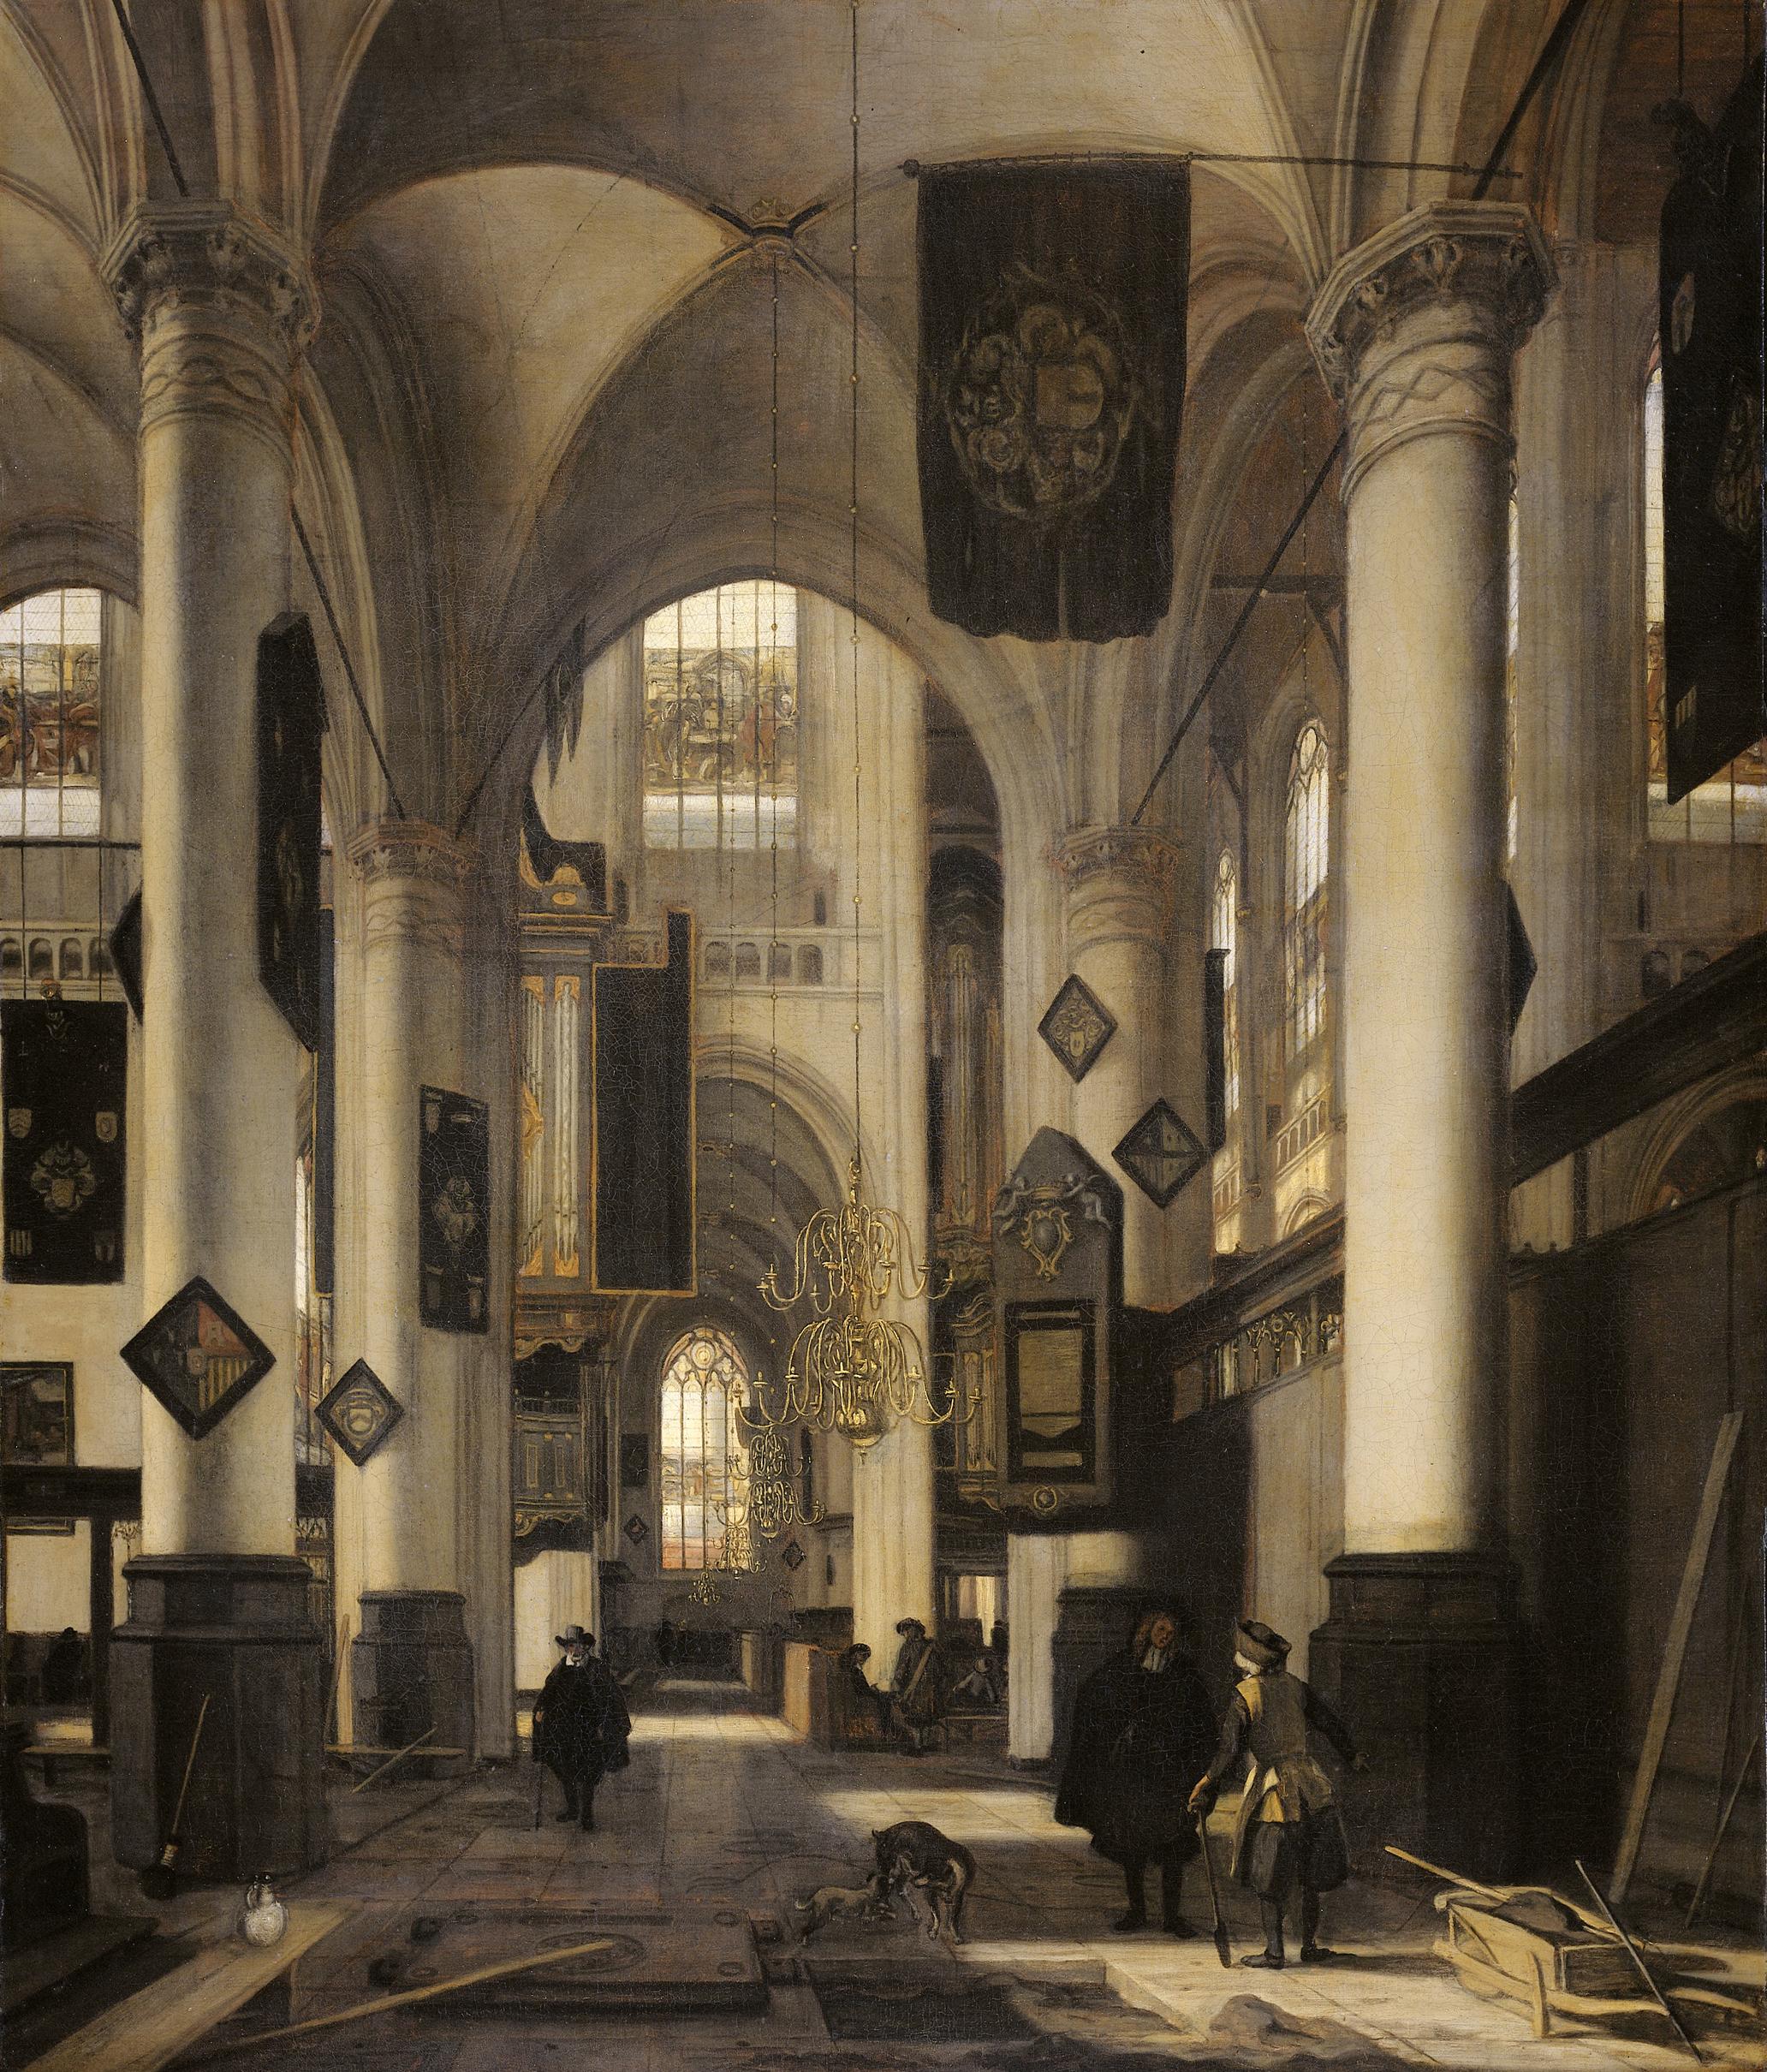 https://upload.wikimedia.org/wikipedia/commons/1/13/Interieur_van_een_protestantse_gotische_kerk_Rijksmuseum_SK-C-270.jpeg